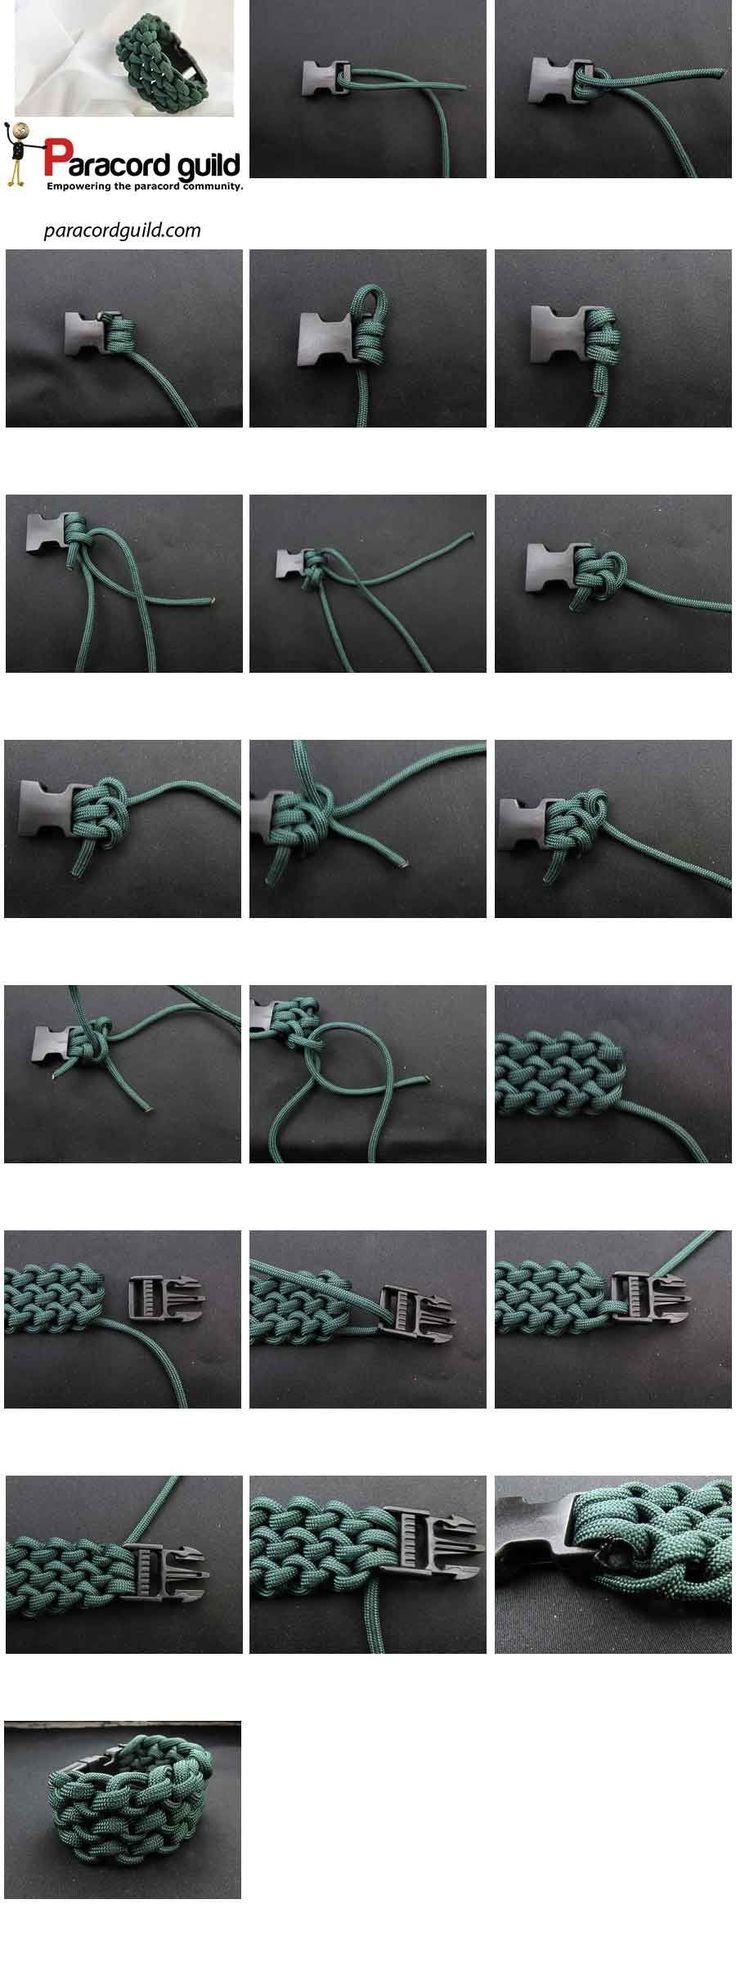 Conquistador paracord bracelet - Paracord guild